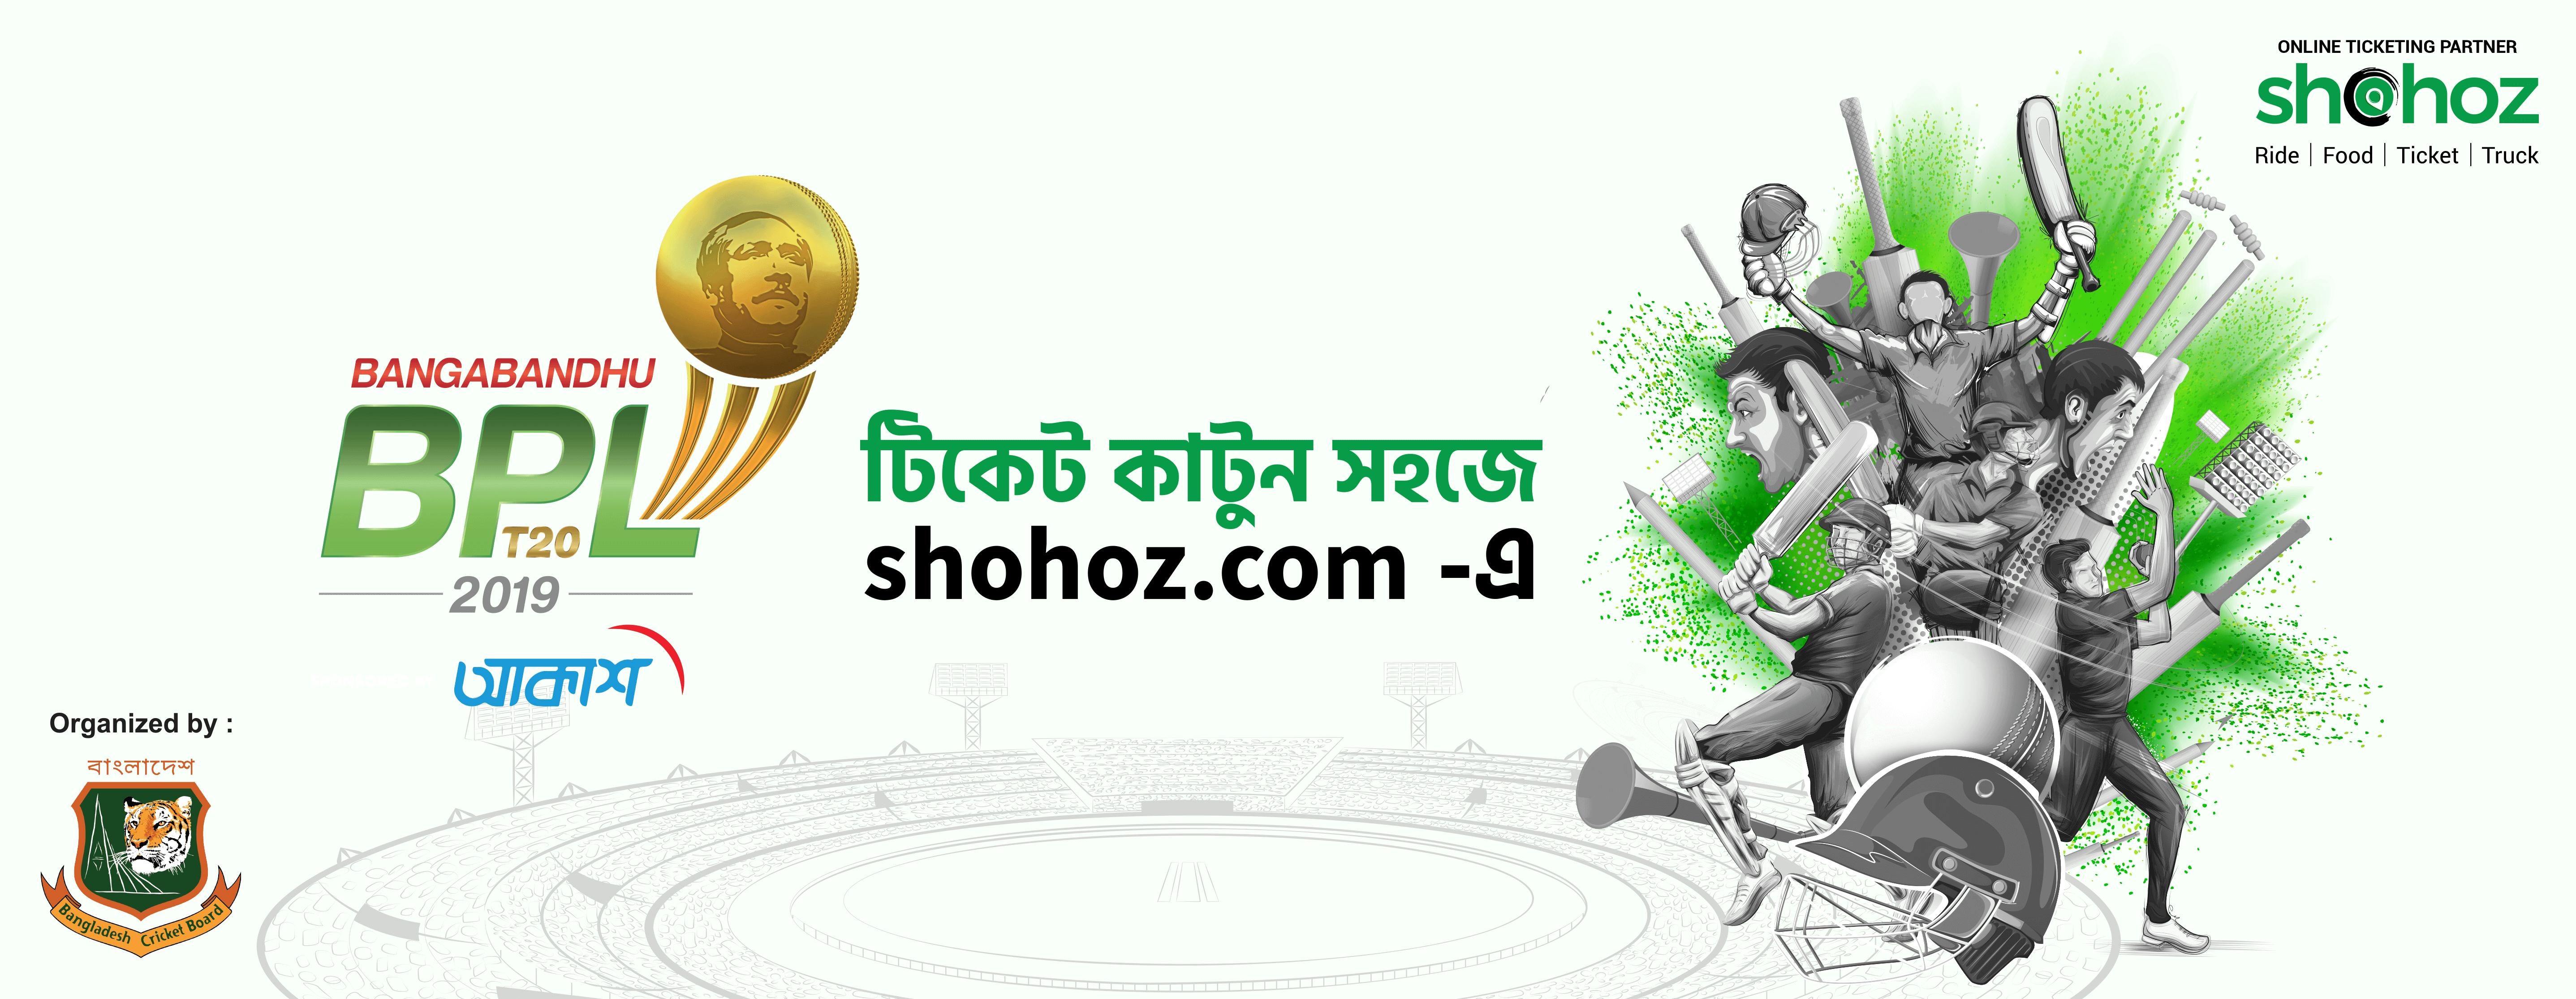 Bangabandhu BPL T20 2019-20